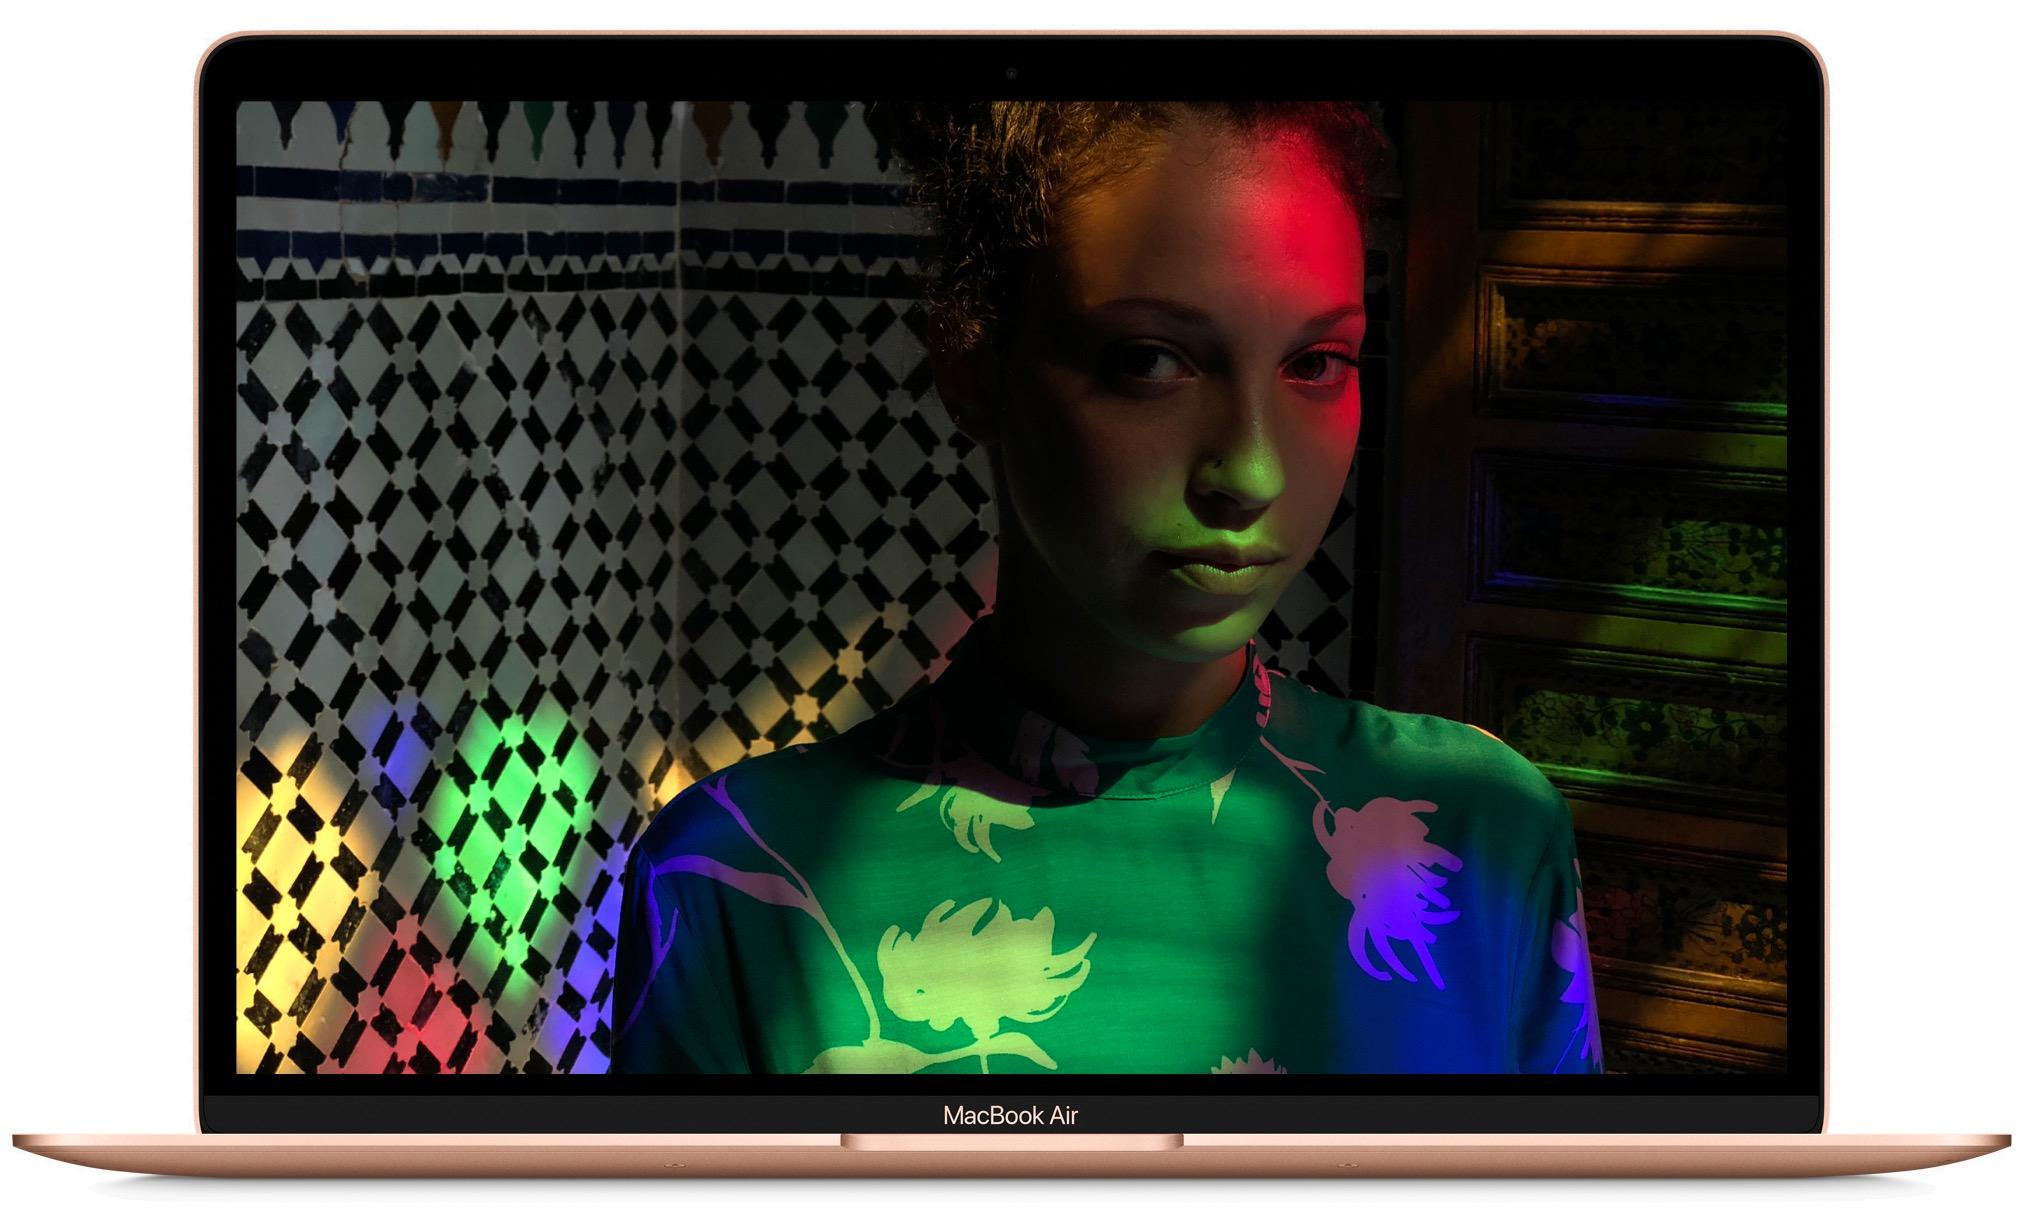 MacBook-Air-Retina-Display.jpg